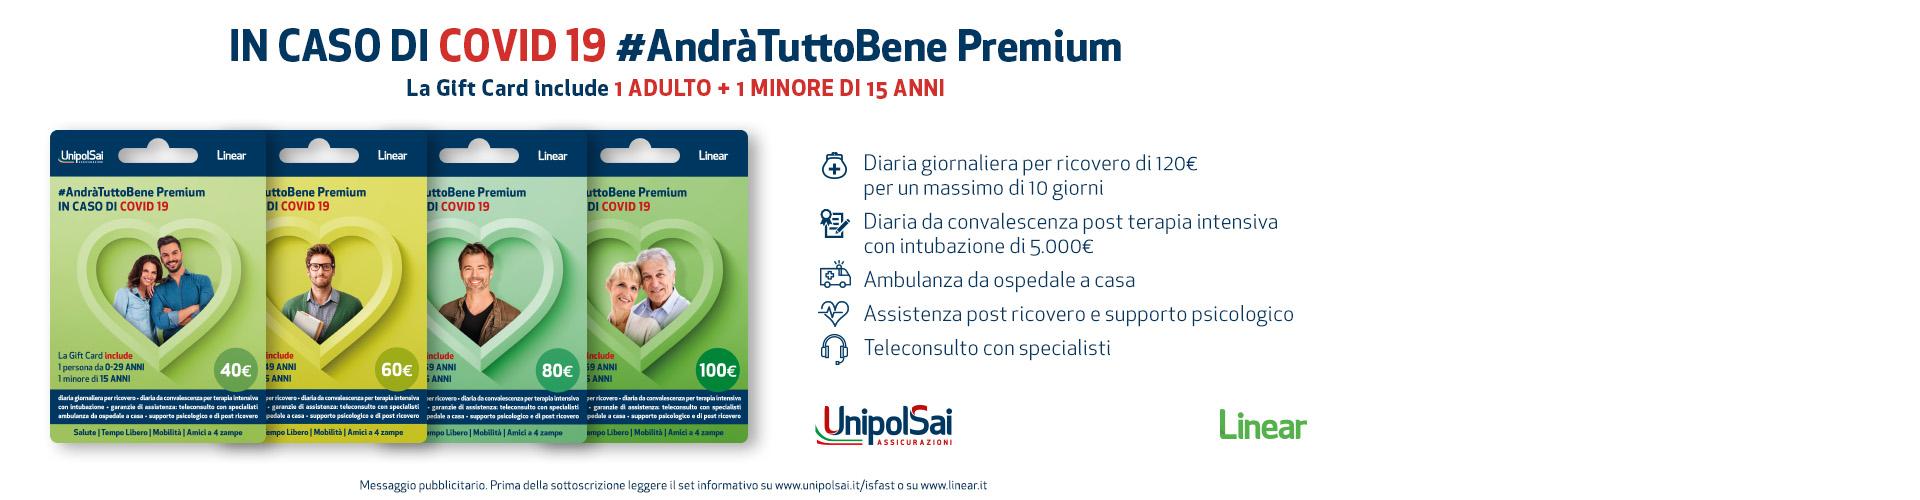 Promozione Unipol